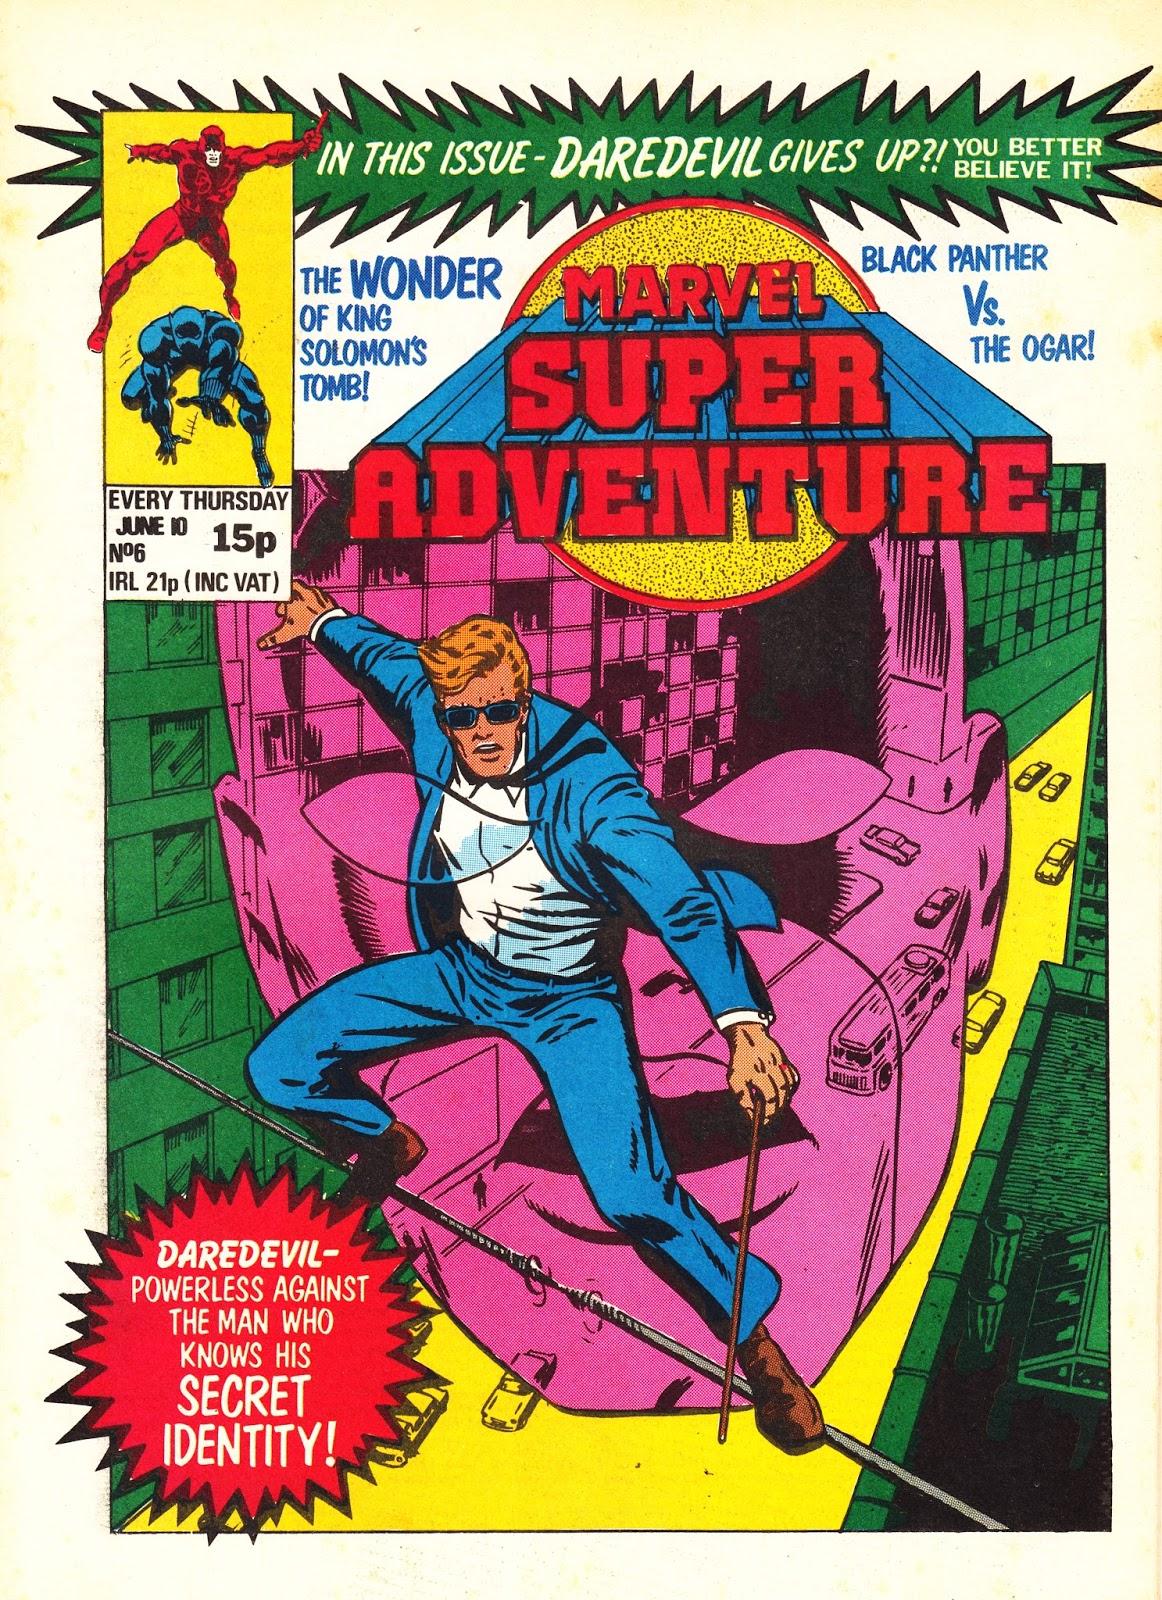 Adventure Marvel